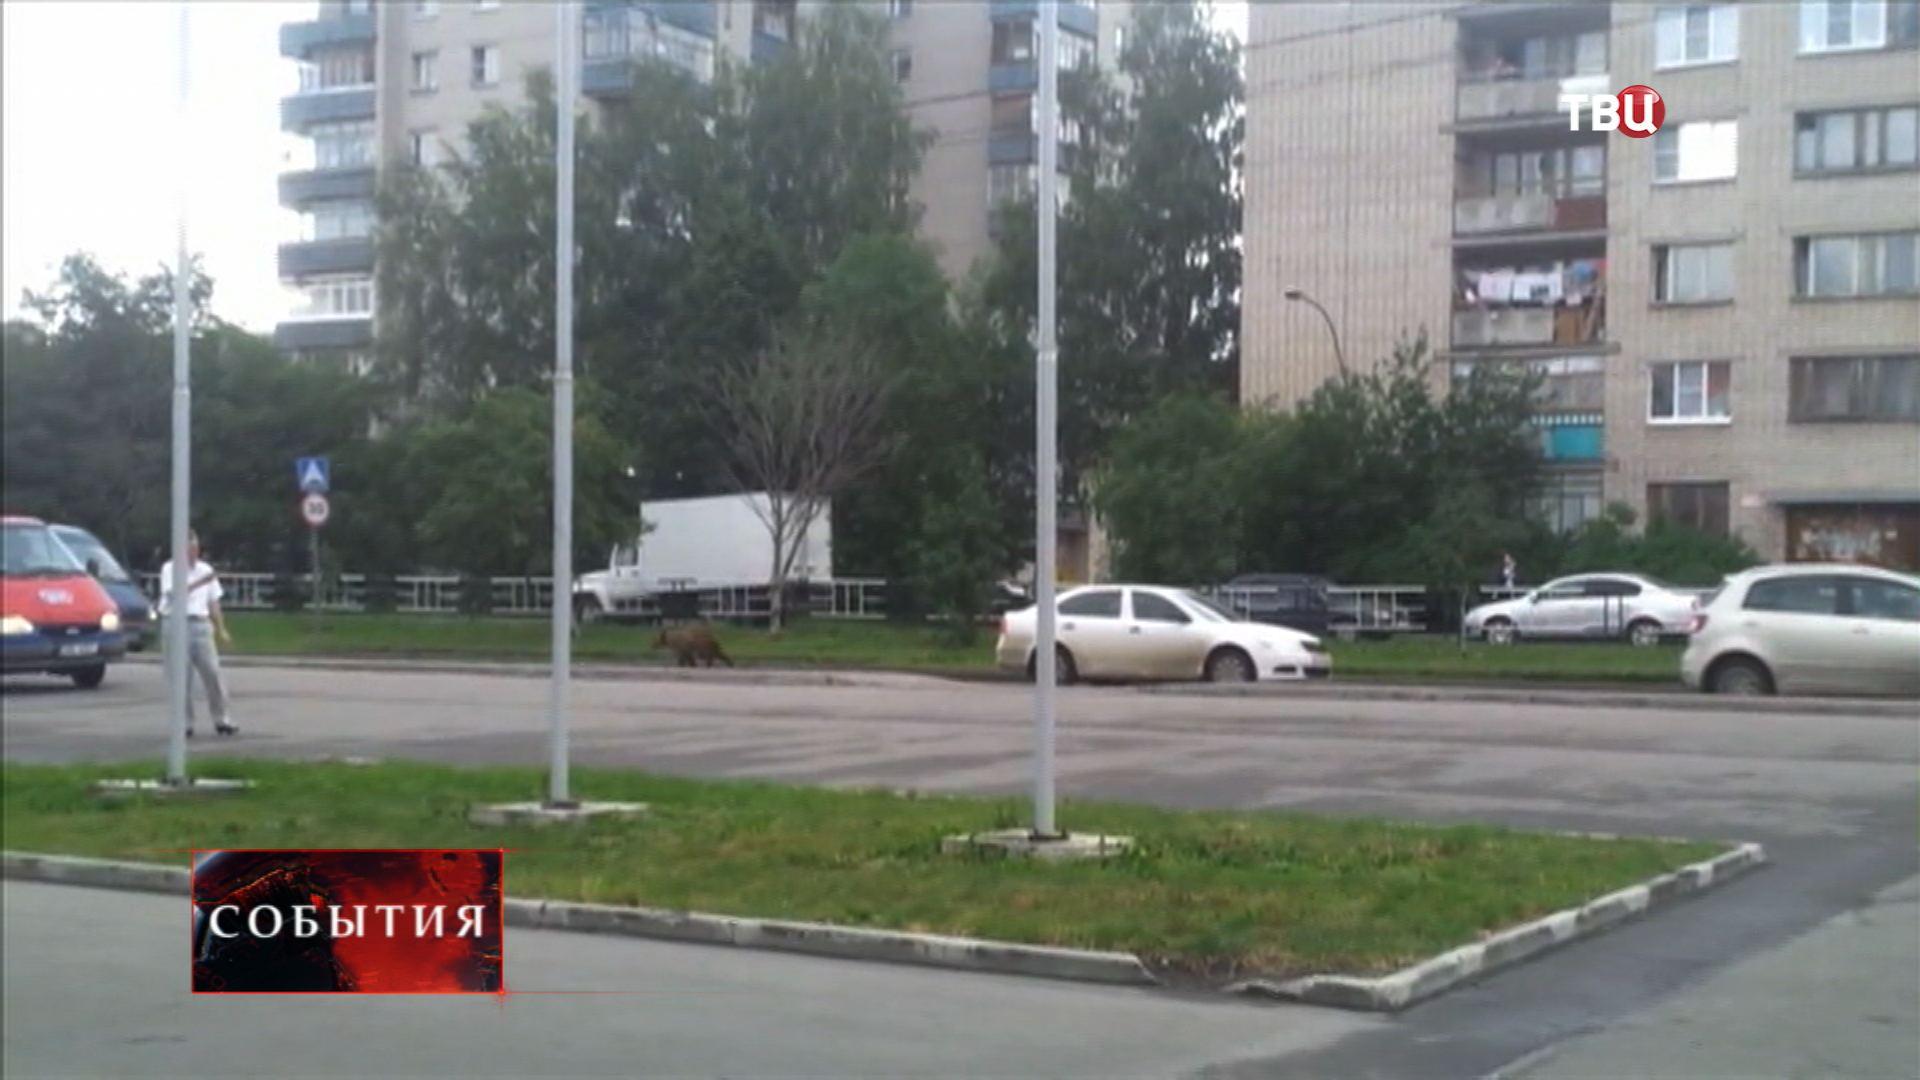 Медведь бежит по улицам Вологды